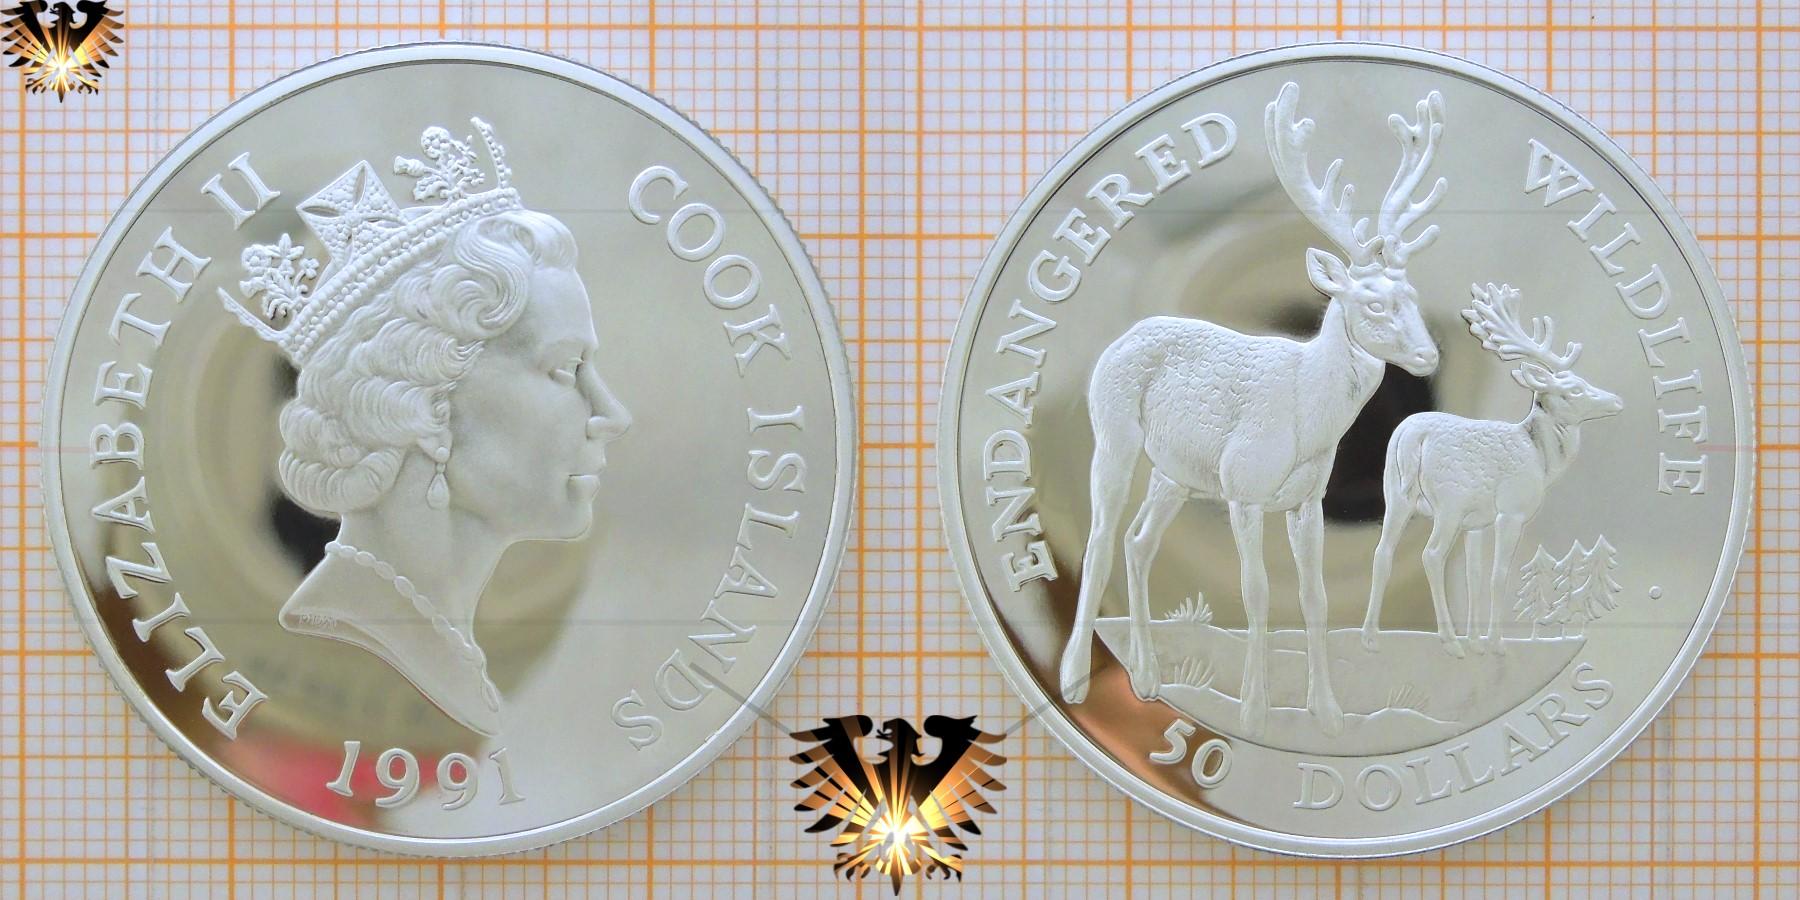 50 Dollars 1991, Cook Islands, Endangered Wildlife, Damm - Hirsch, Queen, Silbermünze   © goldankaufstelle-bayern.de